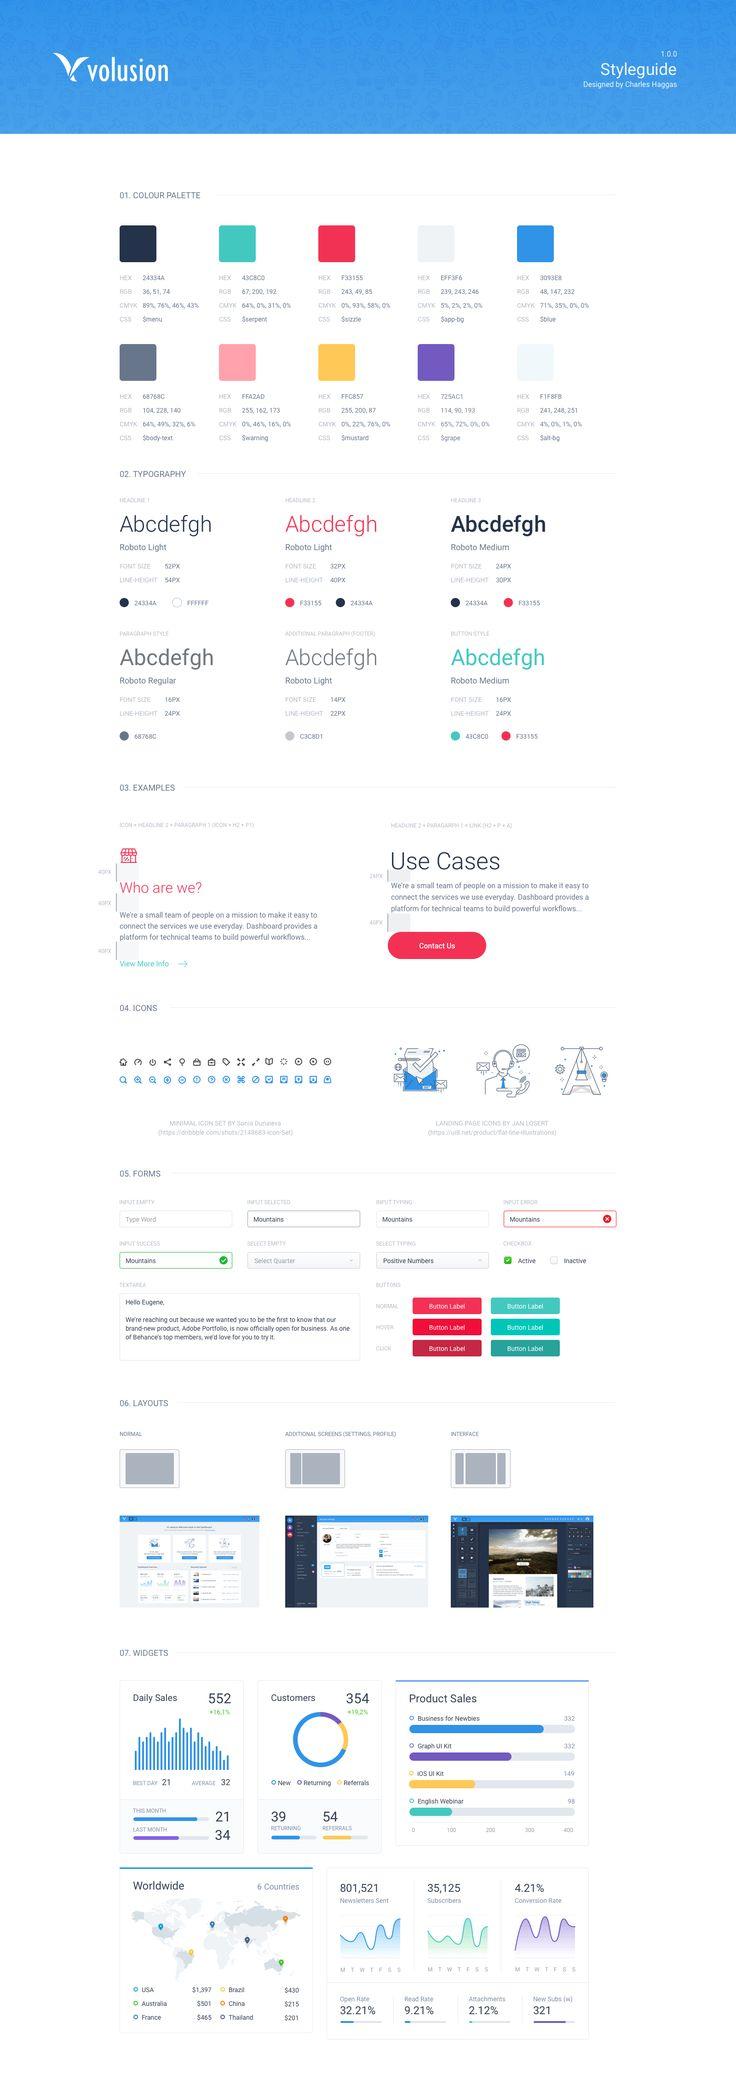 Ausgezeichnet Ui Style Guide Vorlage Fotos - Beispiel Anschreiben ...